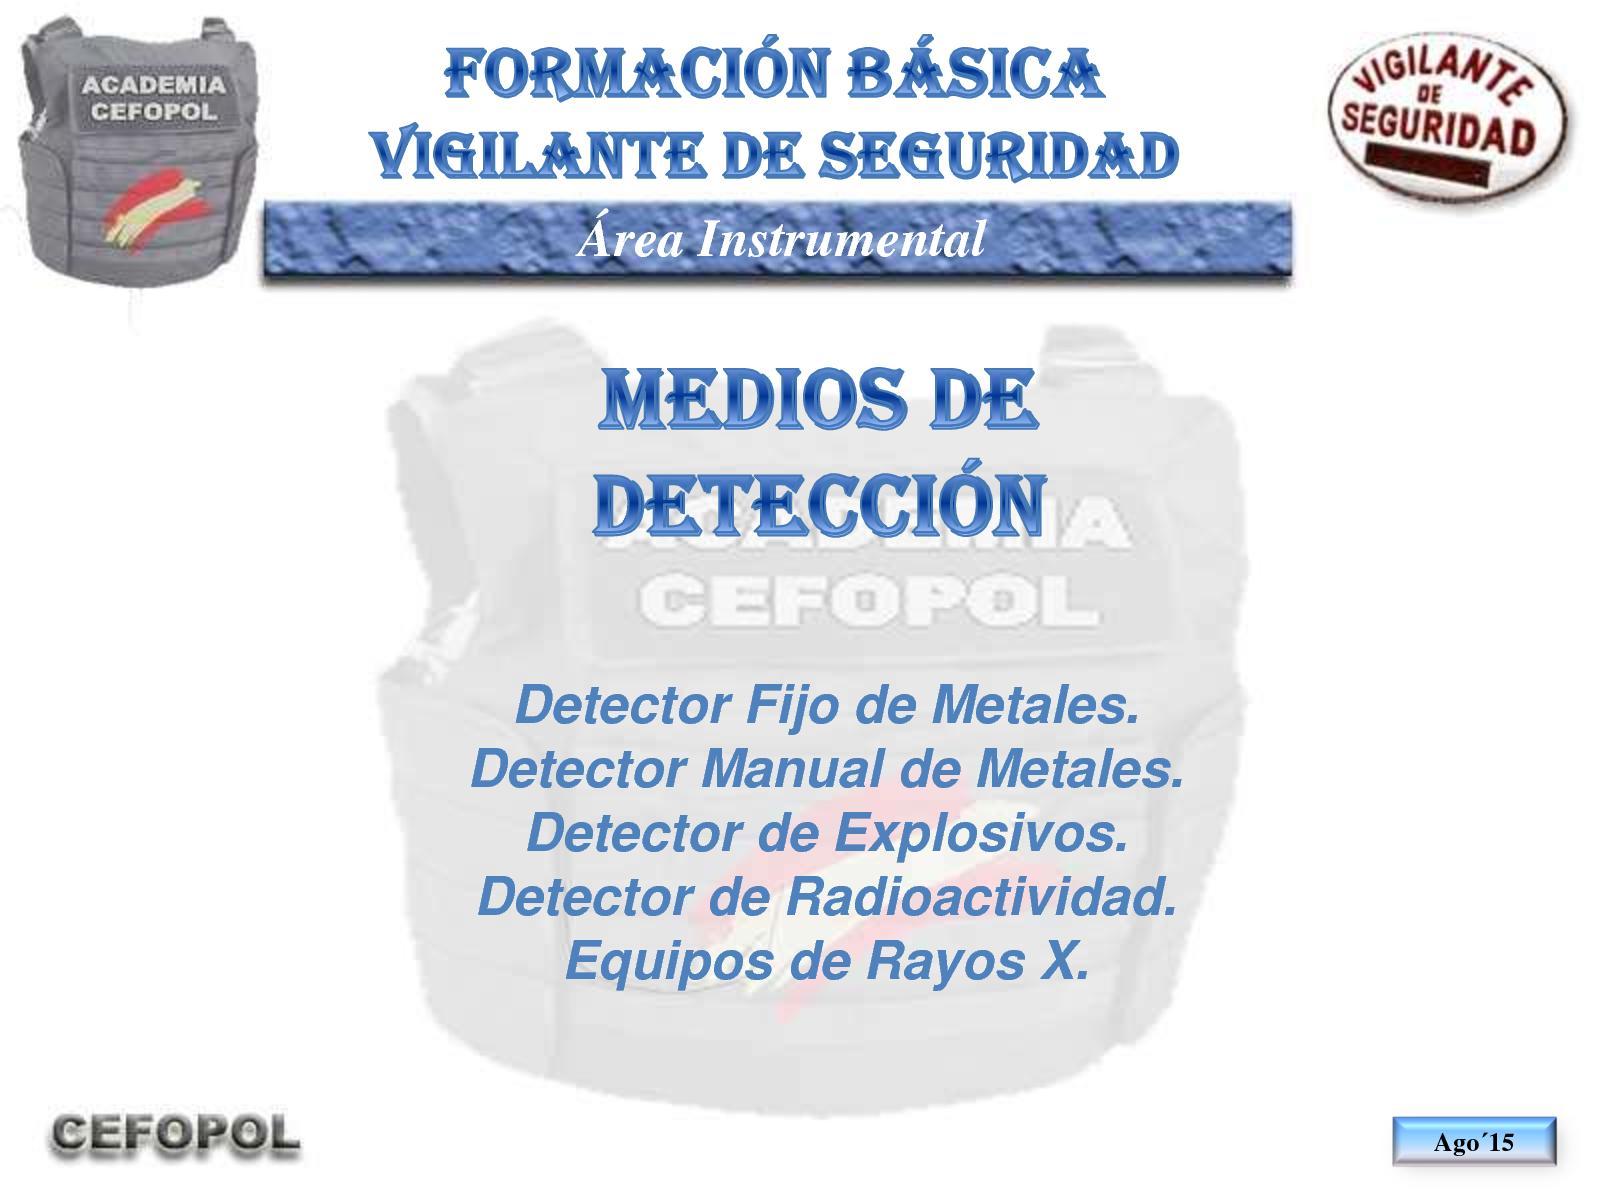 I03 10 - Los Medios De Detección